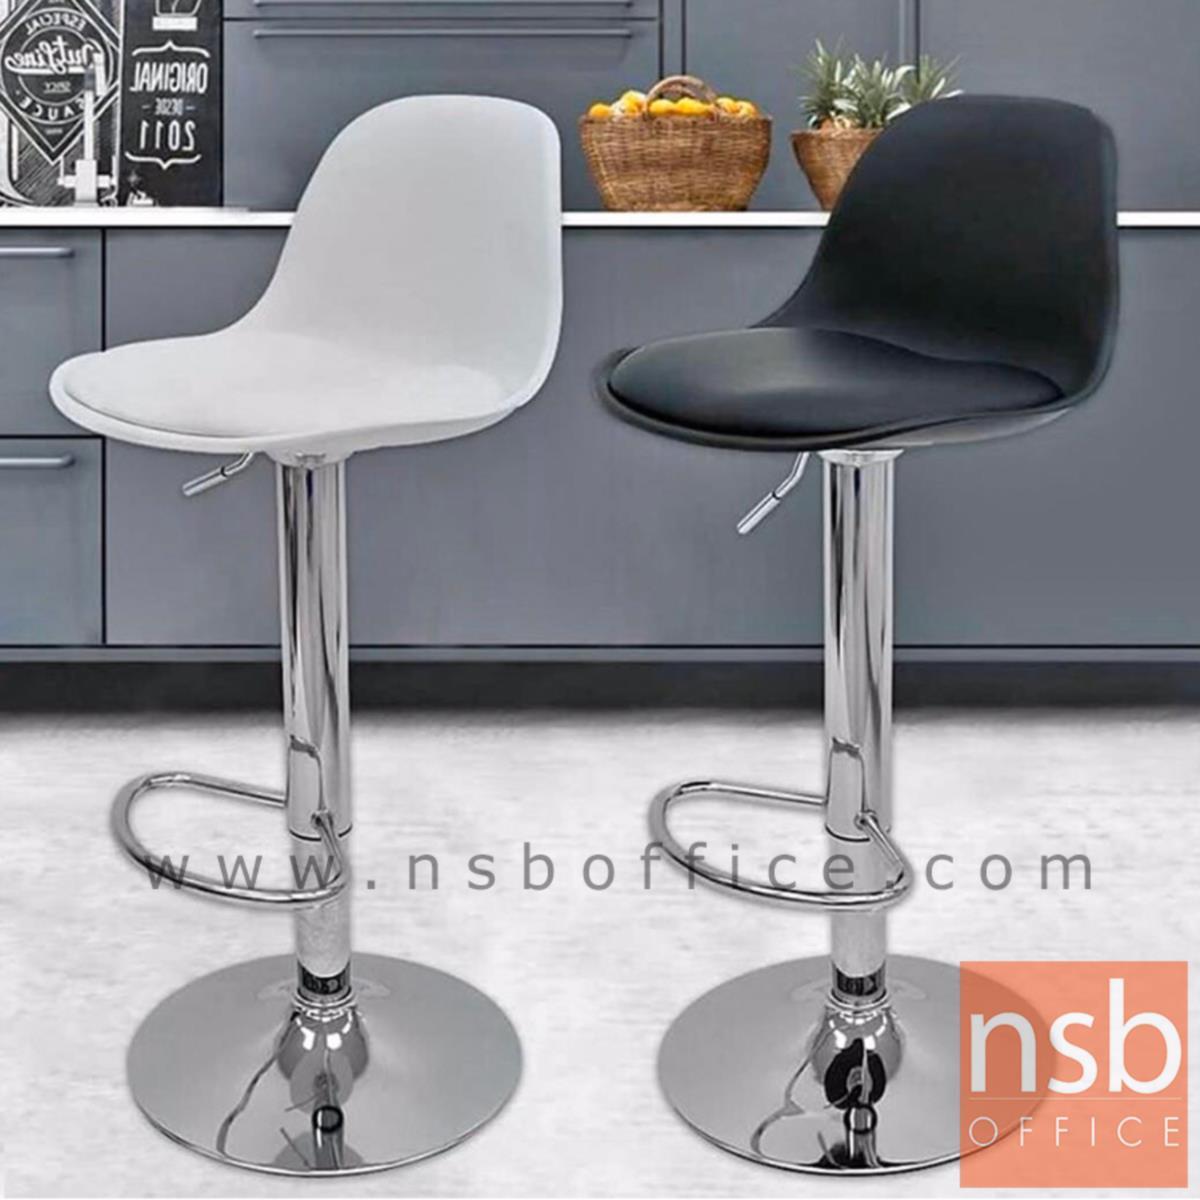 เก้าอี้บาร์สูงเปลือกโพลี่เสริมเบาะหนังเทียม รุ่น Vega (เวก้า)  ขาโครเมี่ยมฐานจานกลม